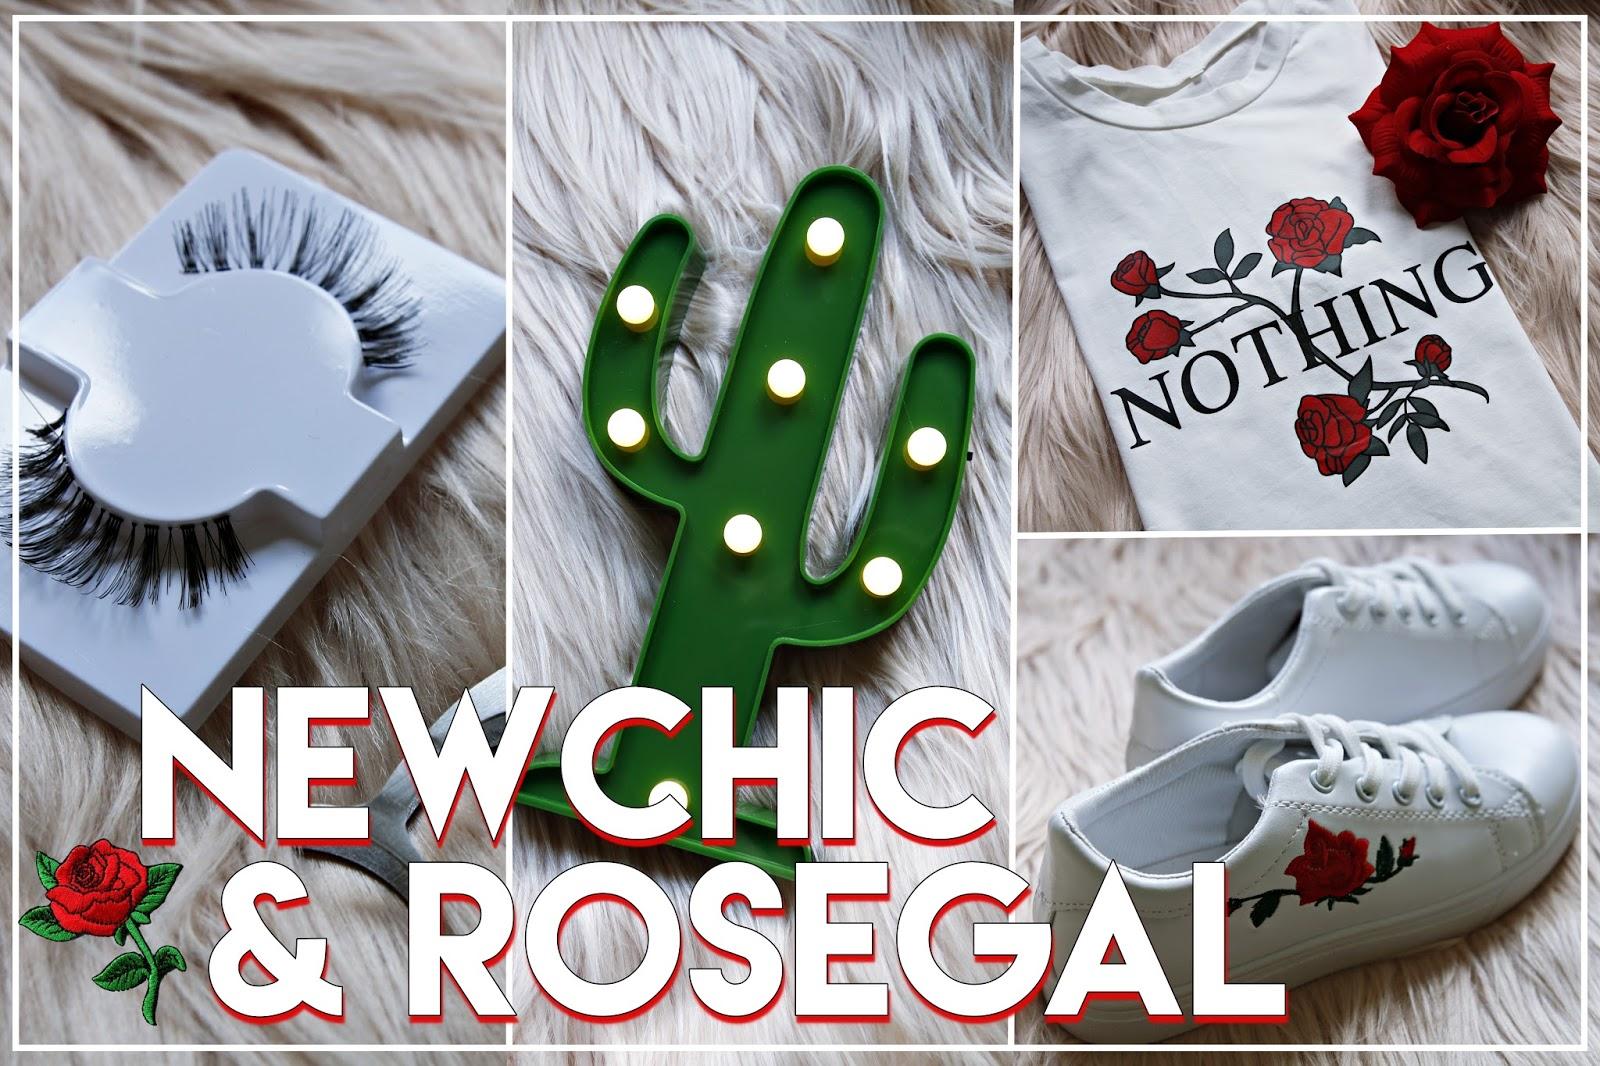 newchic rosegal zamówienie zakupy ubrania dodatki buty naszywki